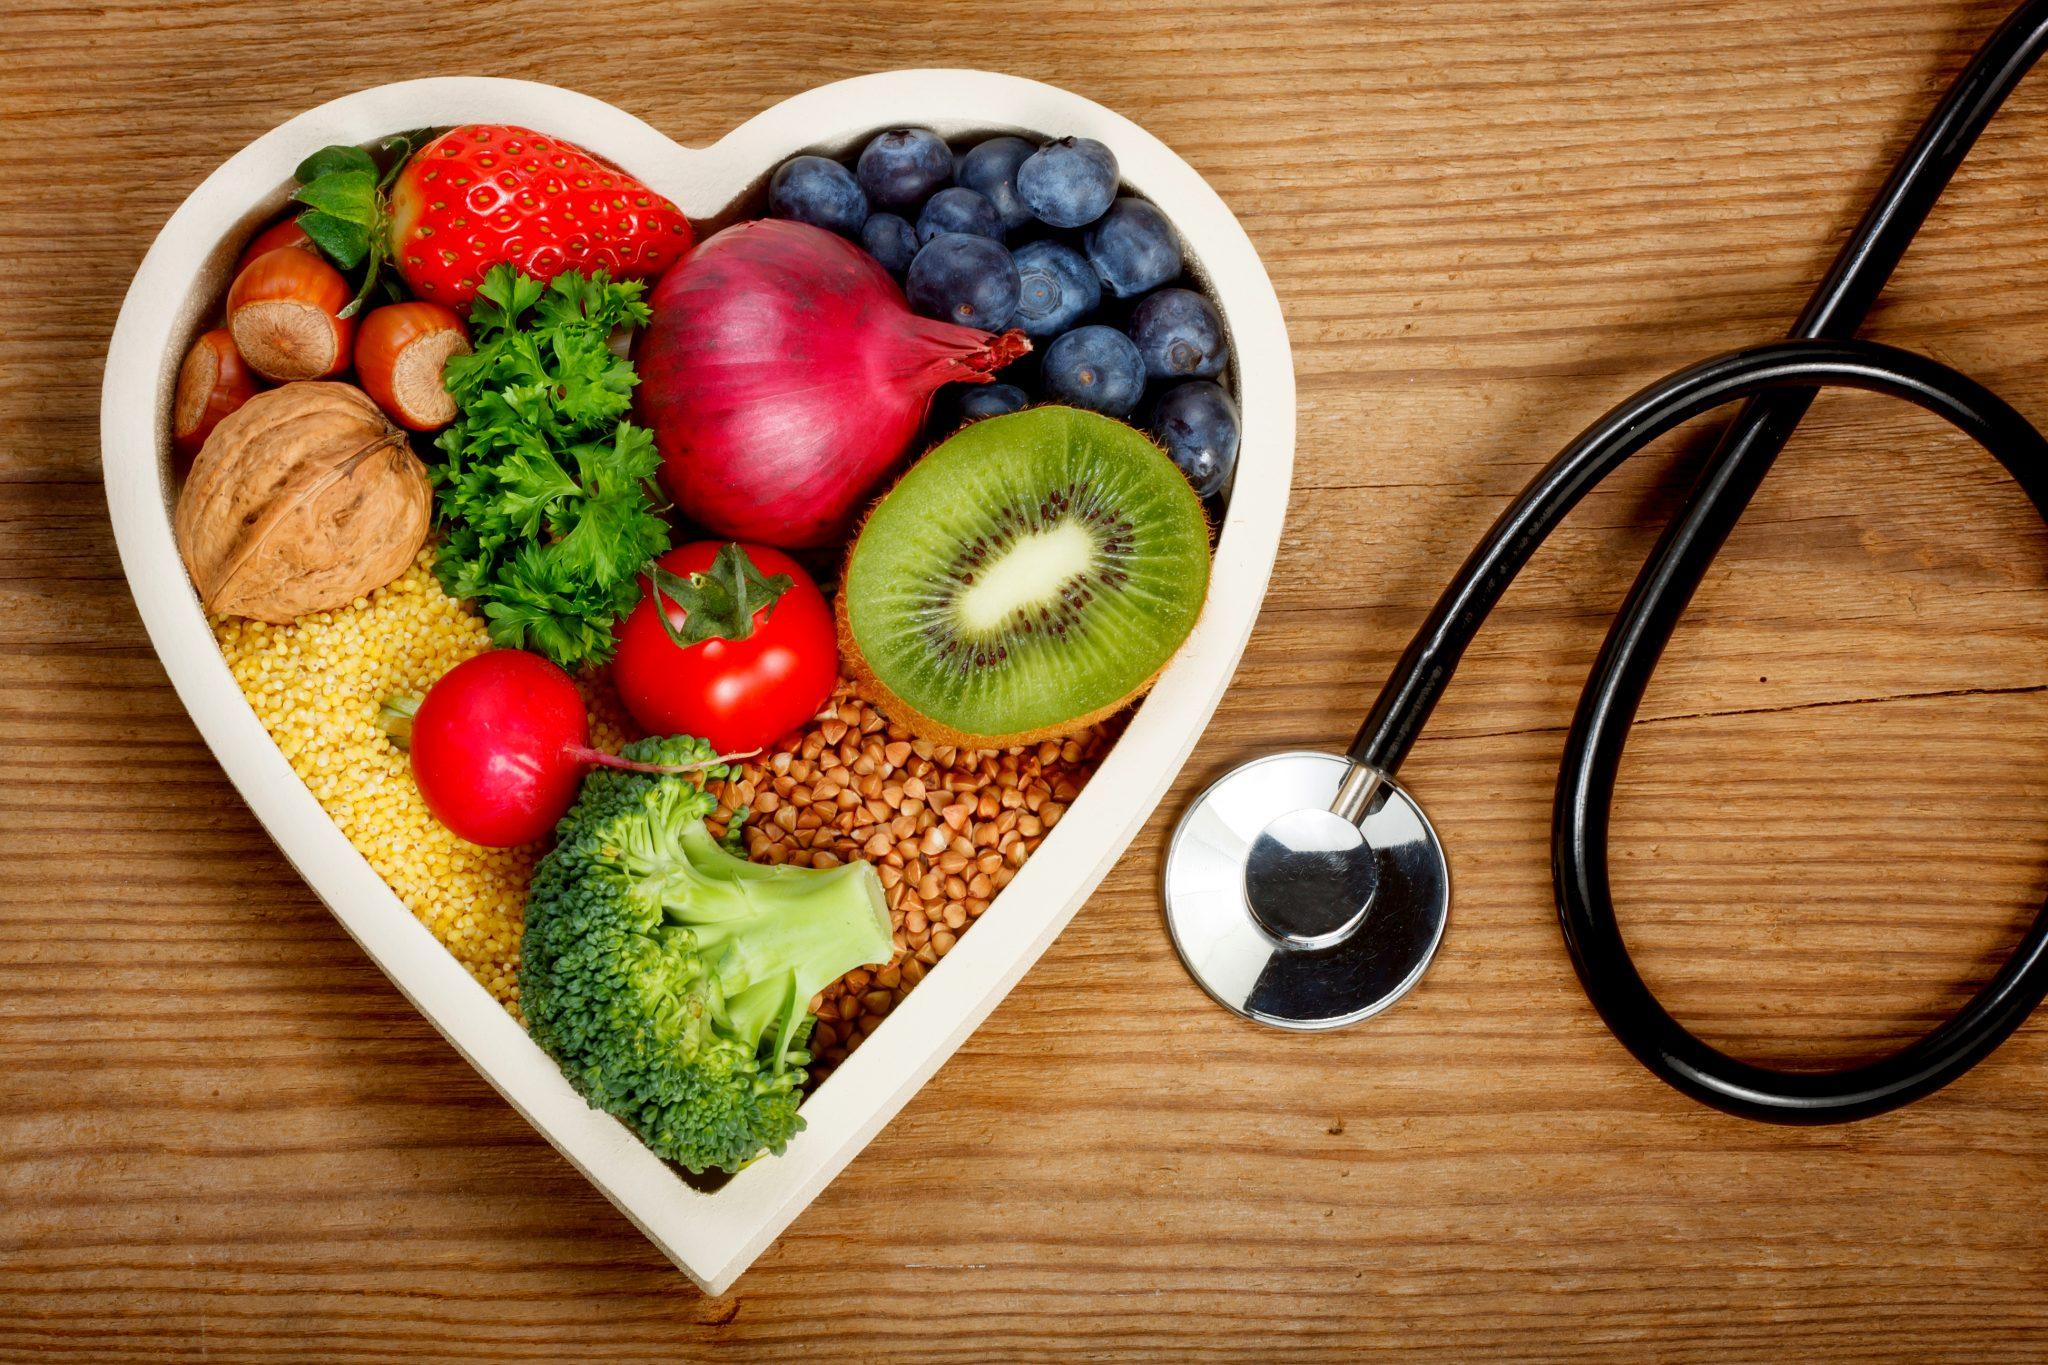 心臓関連の病気の予防